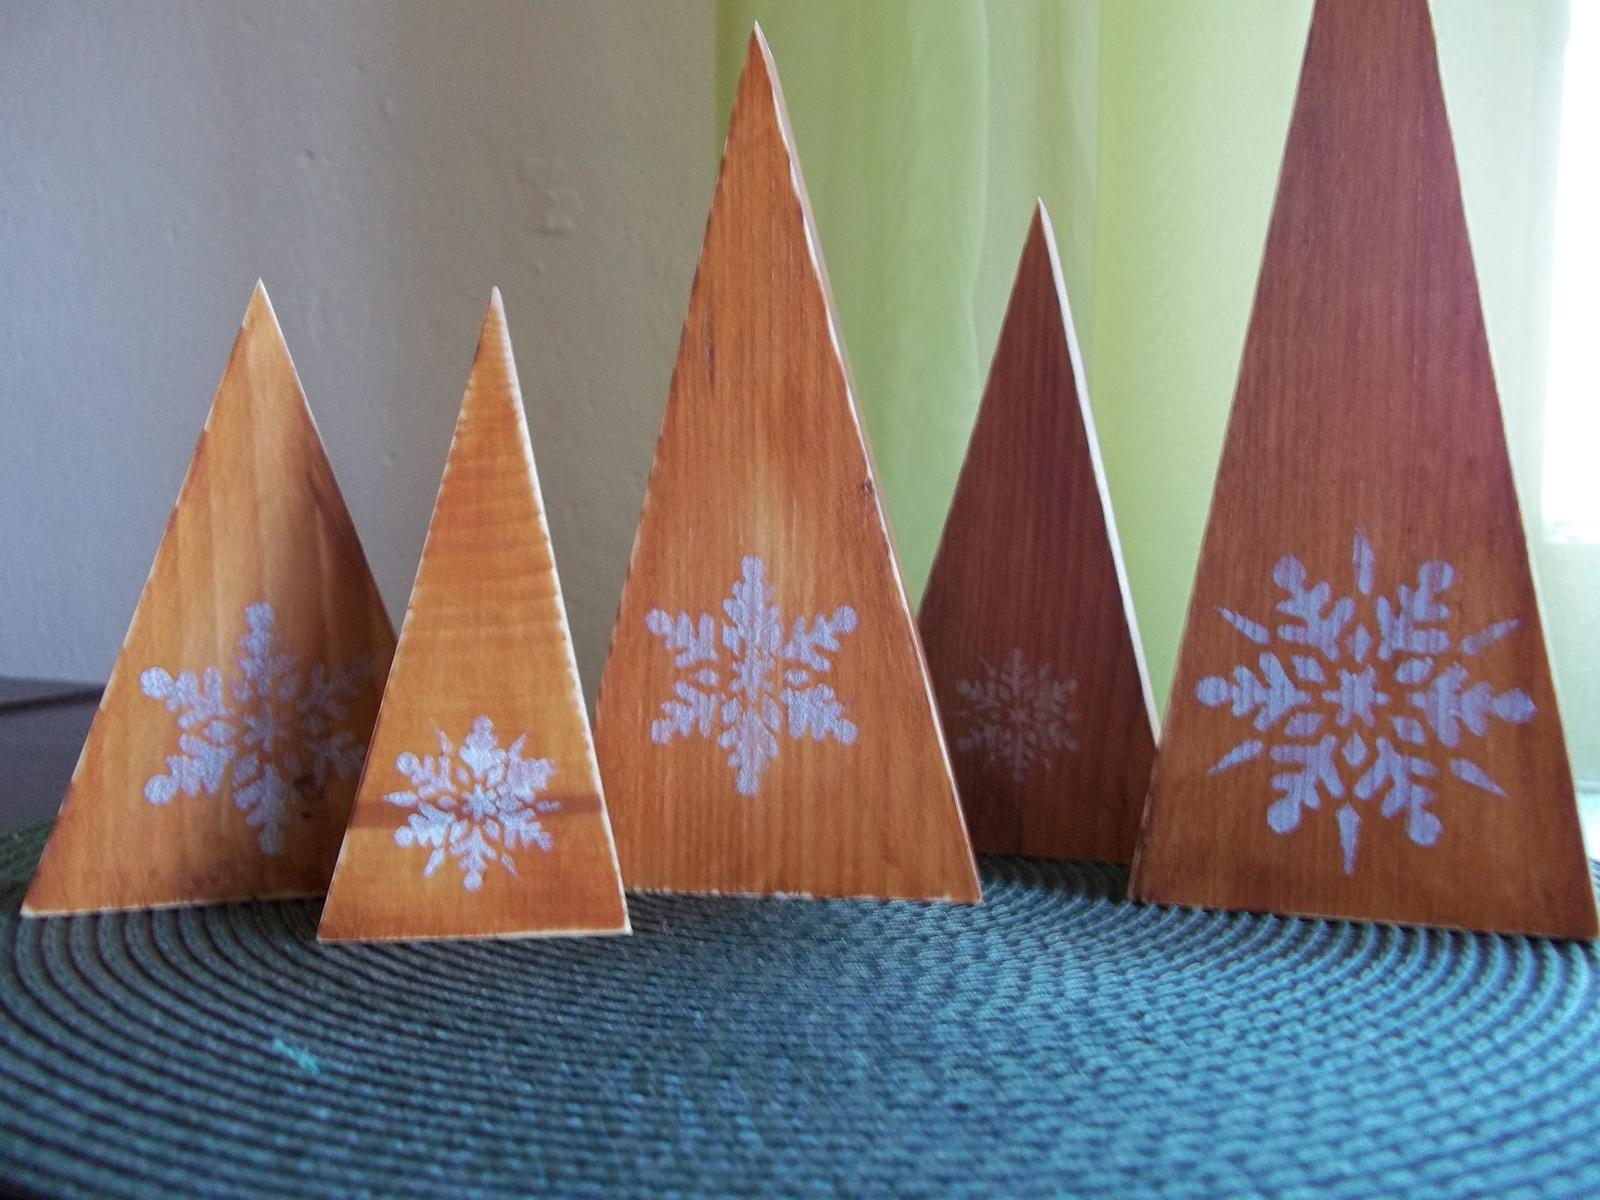 Sada drevených stromčekov,cena spolu - Obrázok č. 1